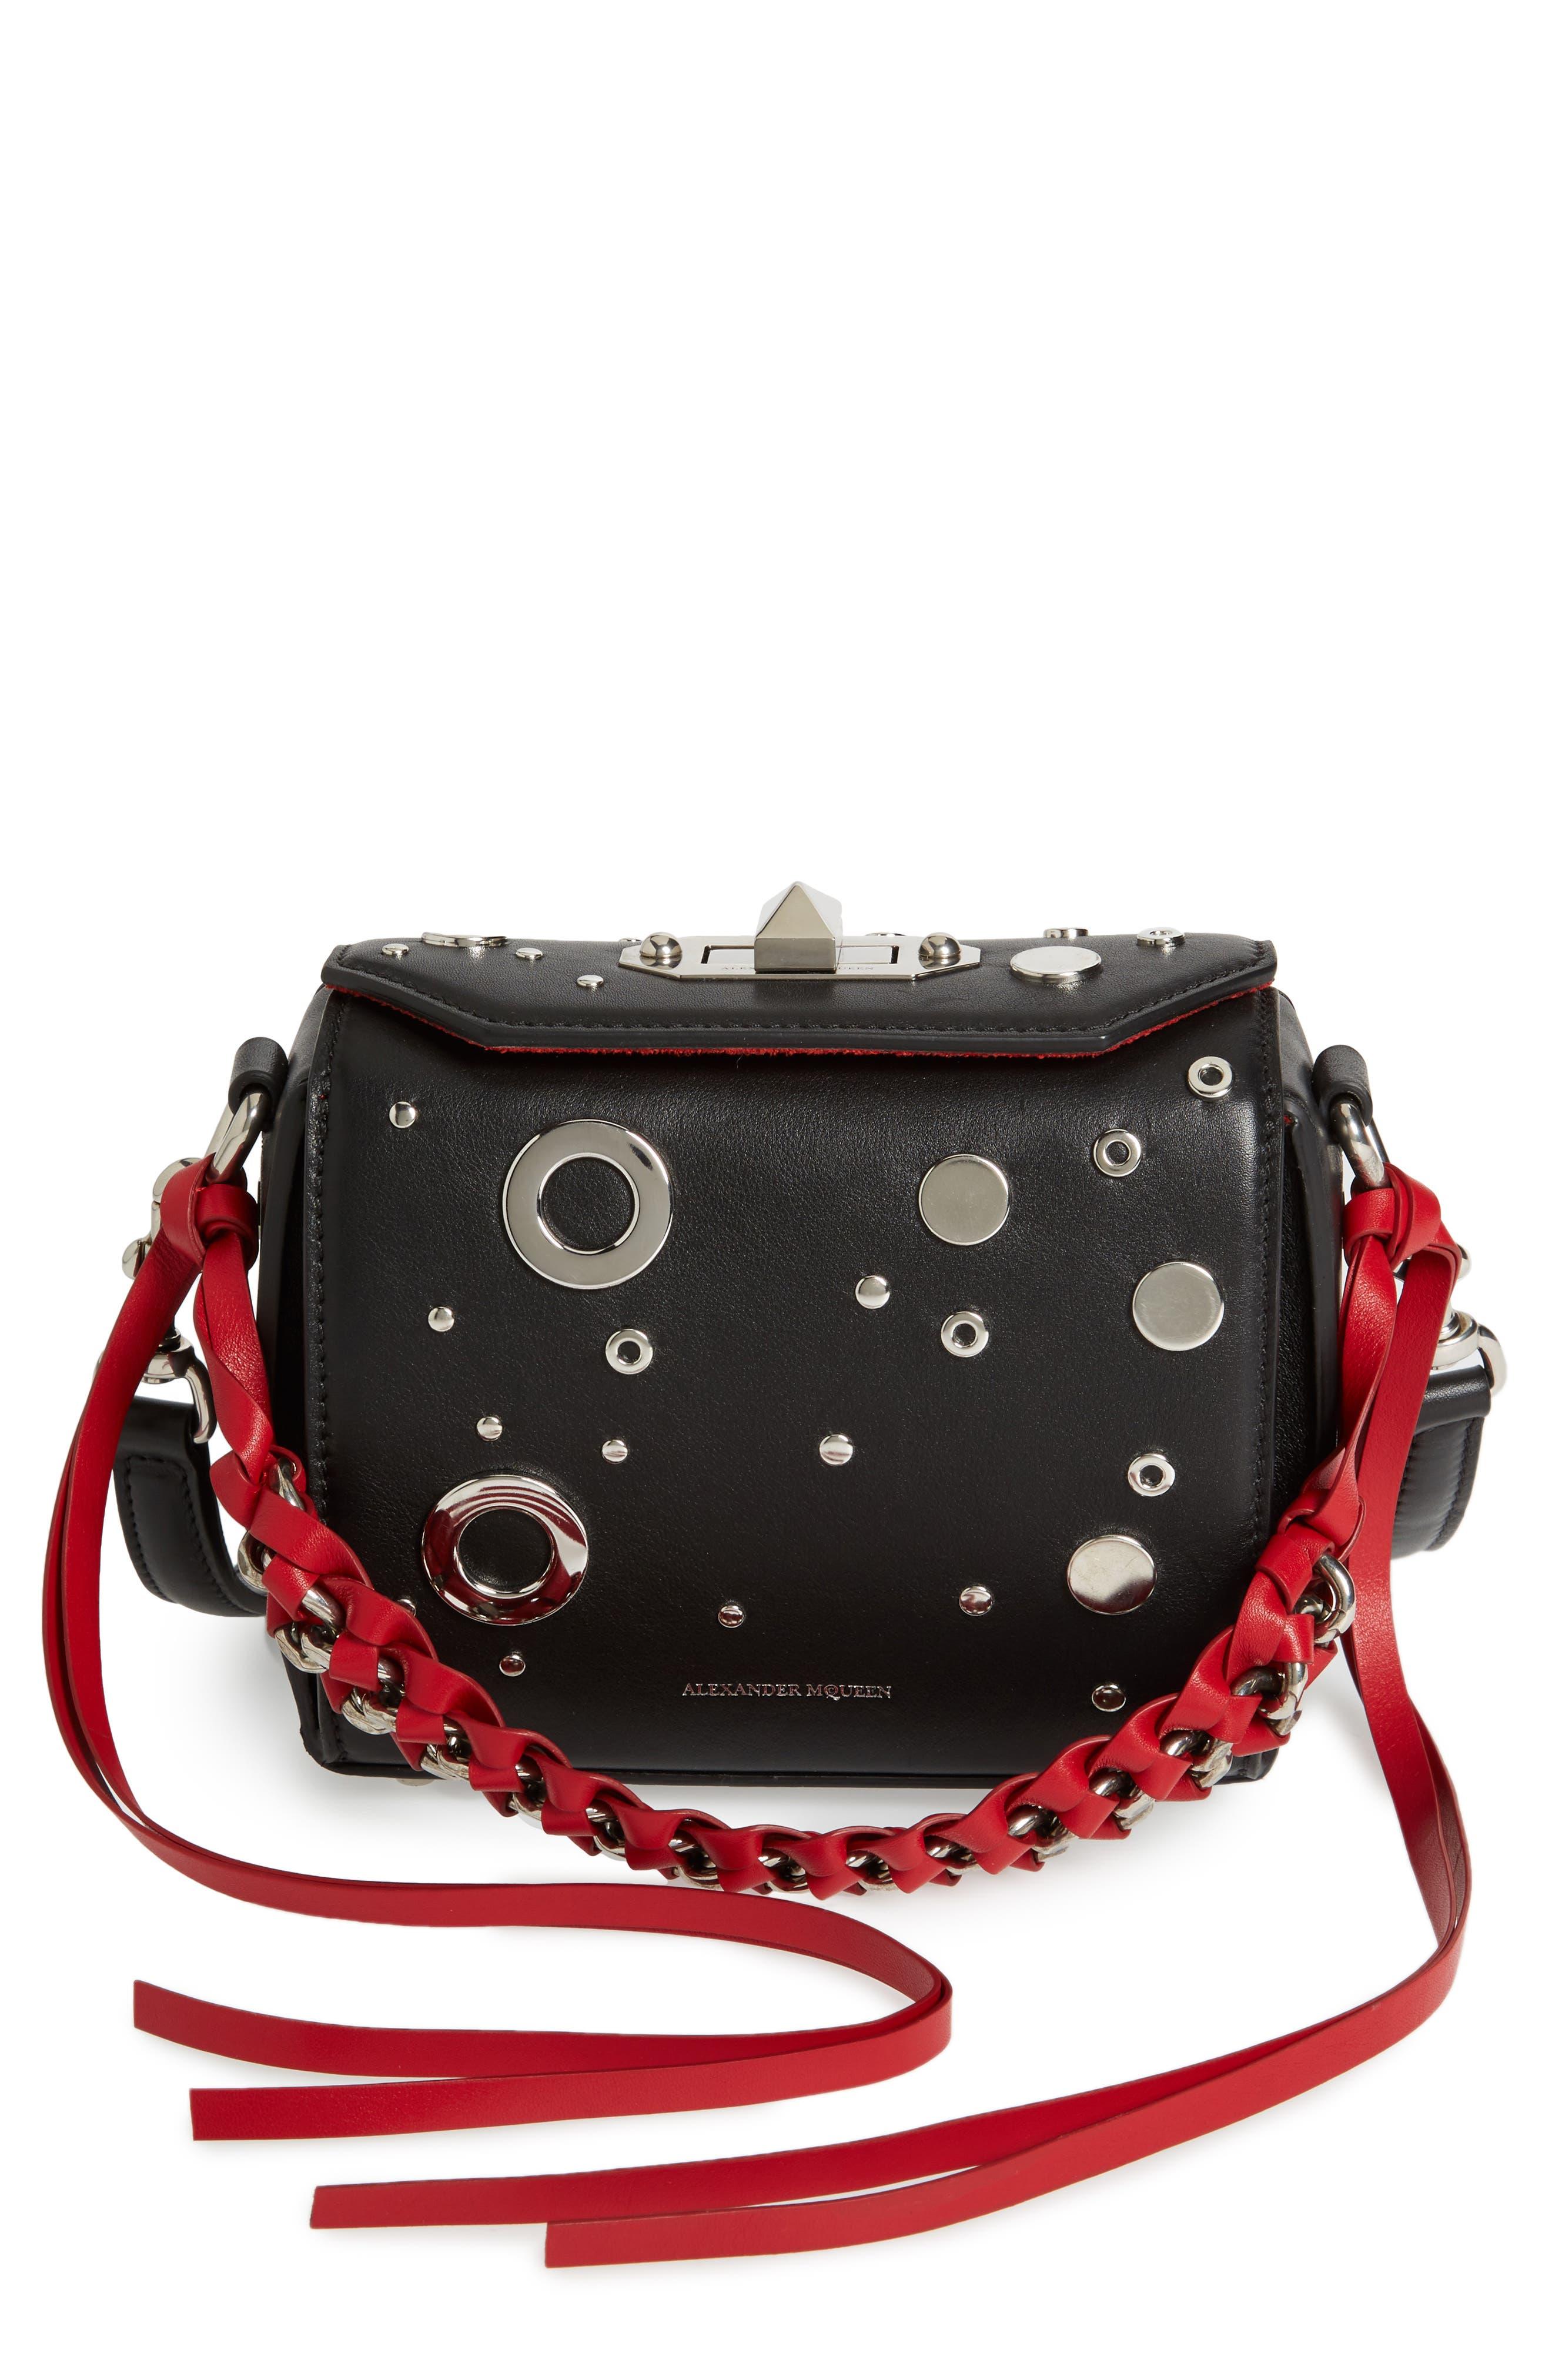 Alexander McQueen Box Bag 16 Matte Calfskin Bag